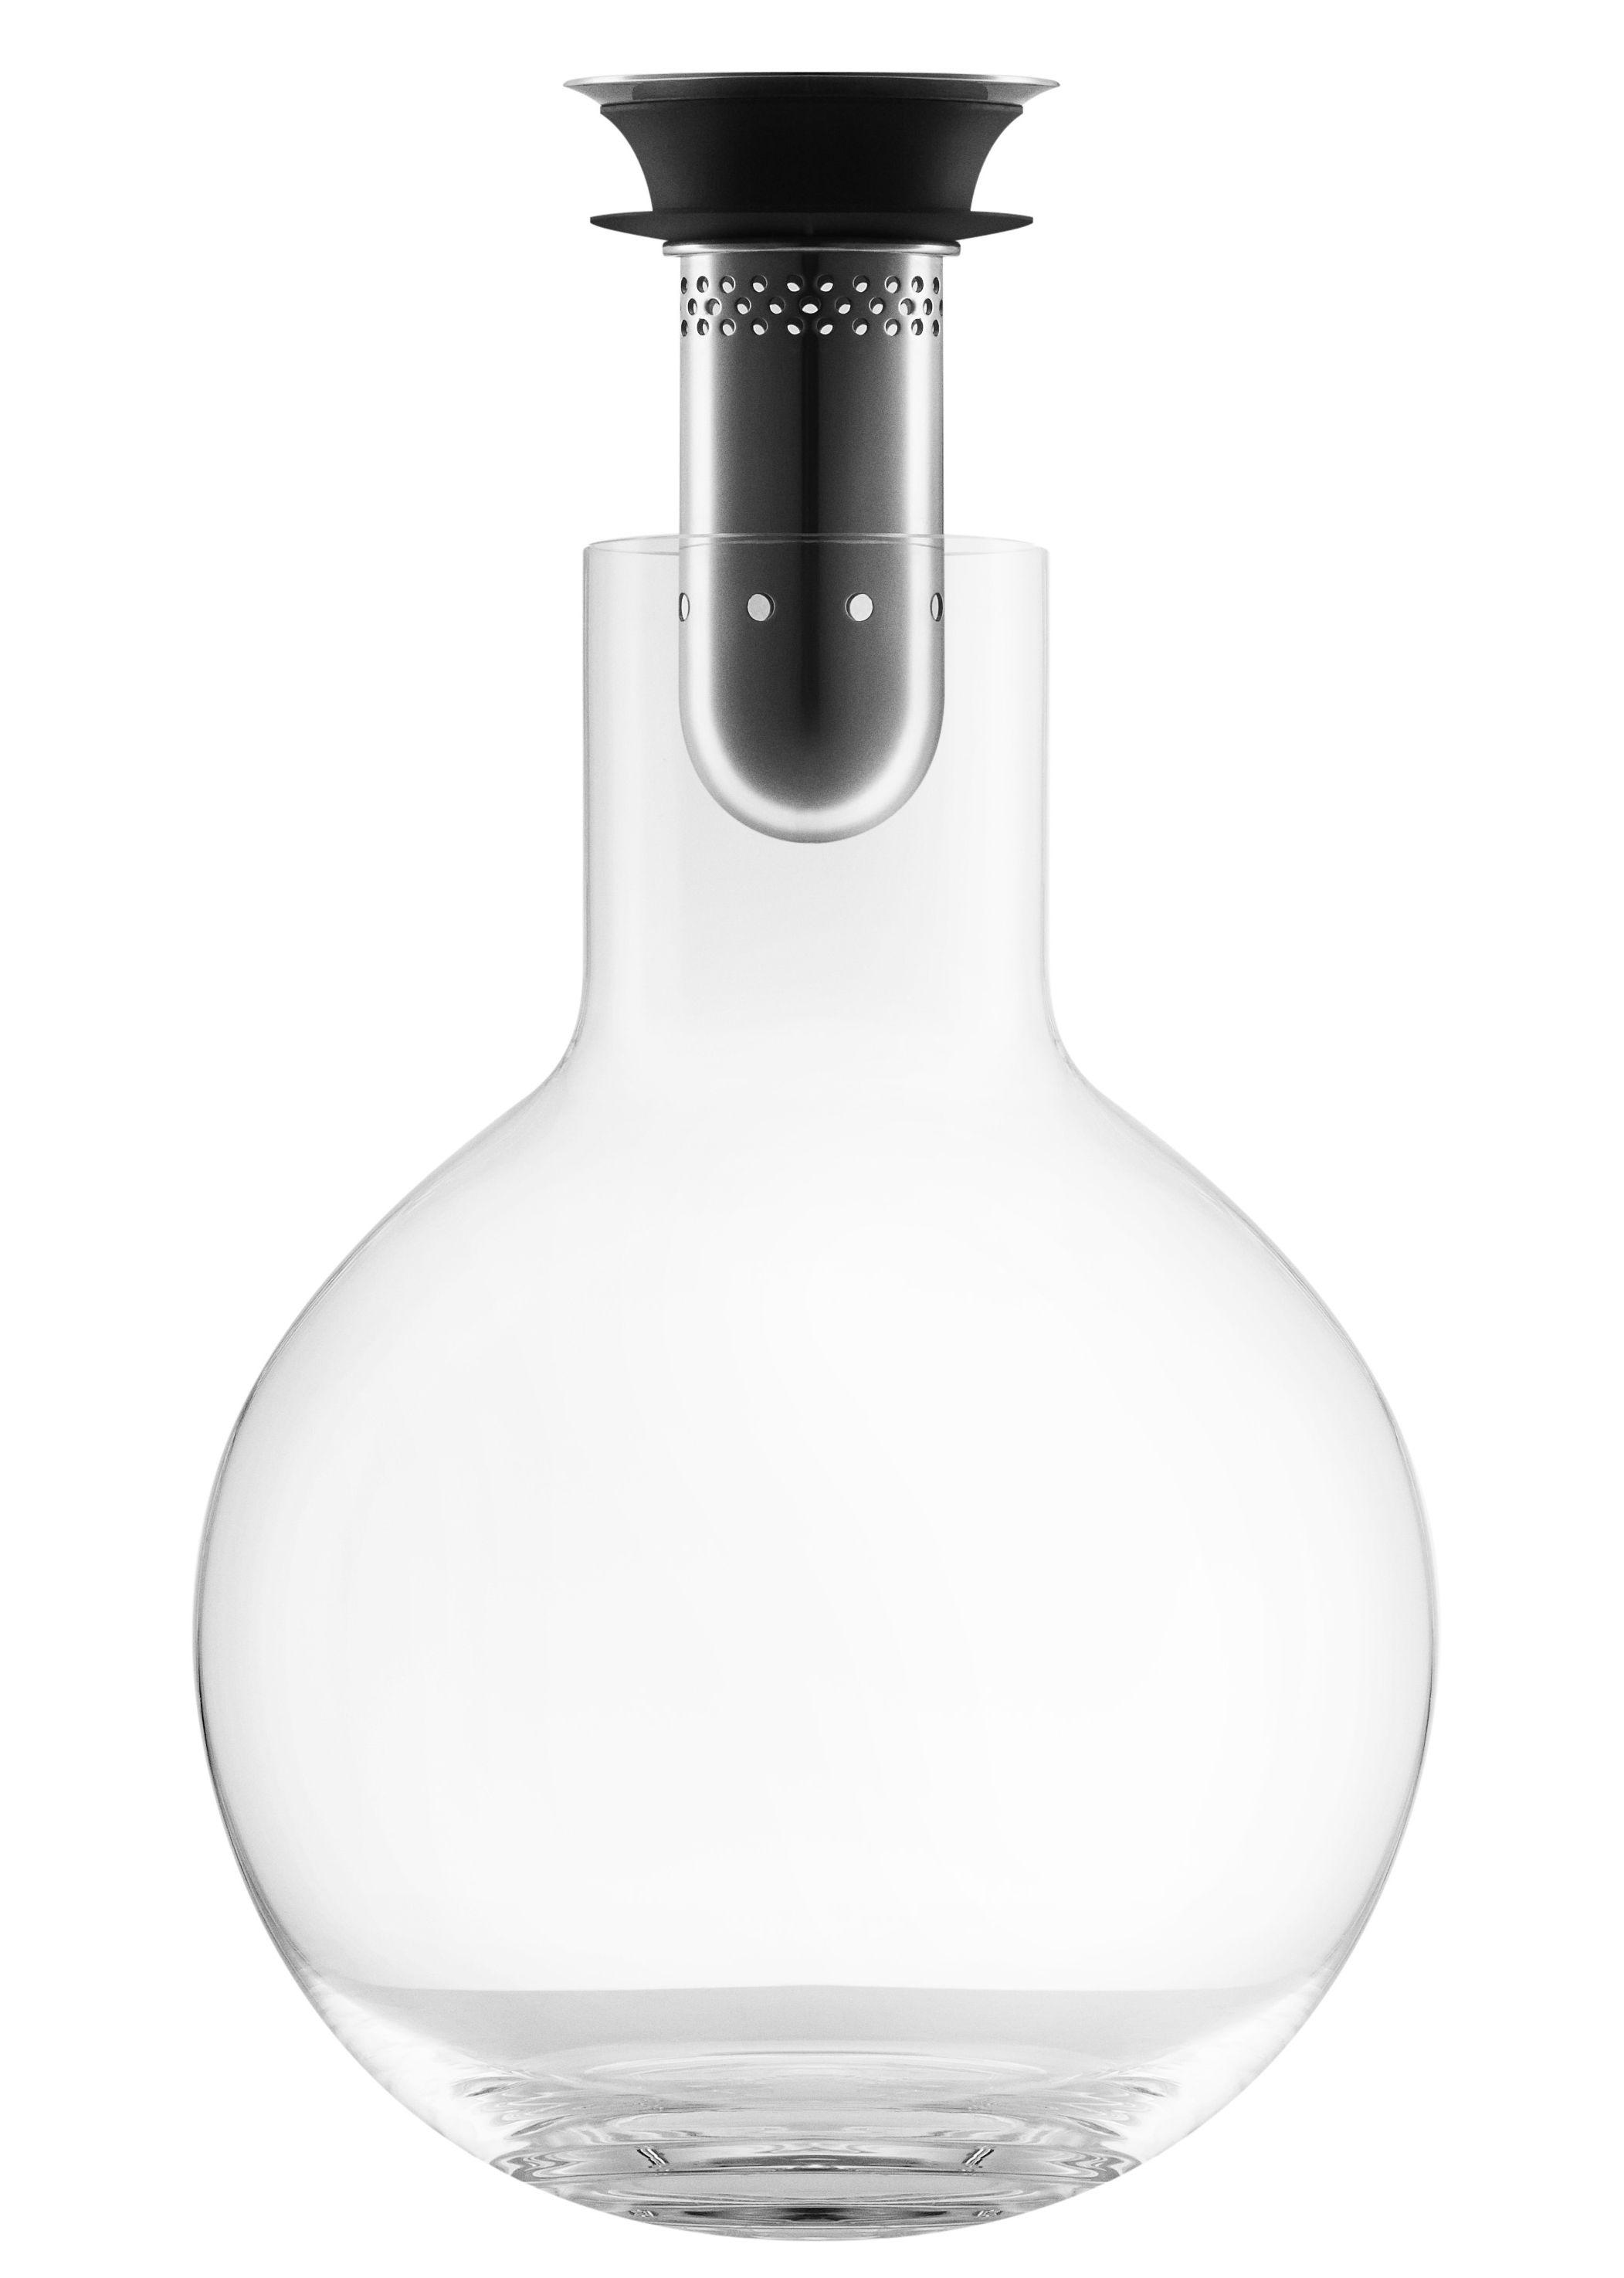 Arts de la table - Carafes et décanteurs - Décanteur 0.75 L / Aérateur - Eva Solo - Transparent - Acier inoxydable, Silicone, Verre soufflé bouche